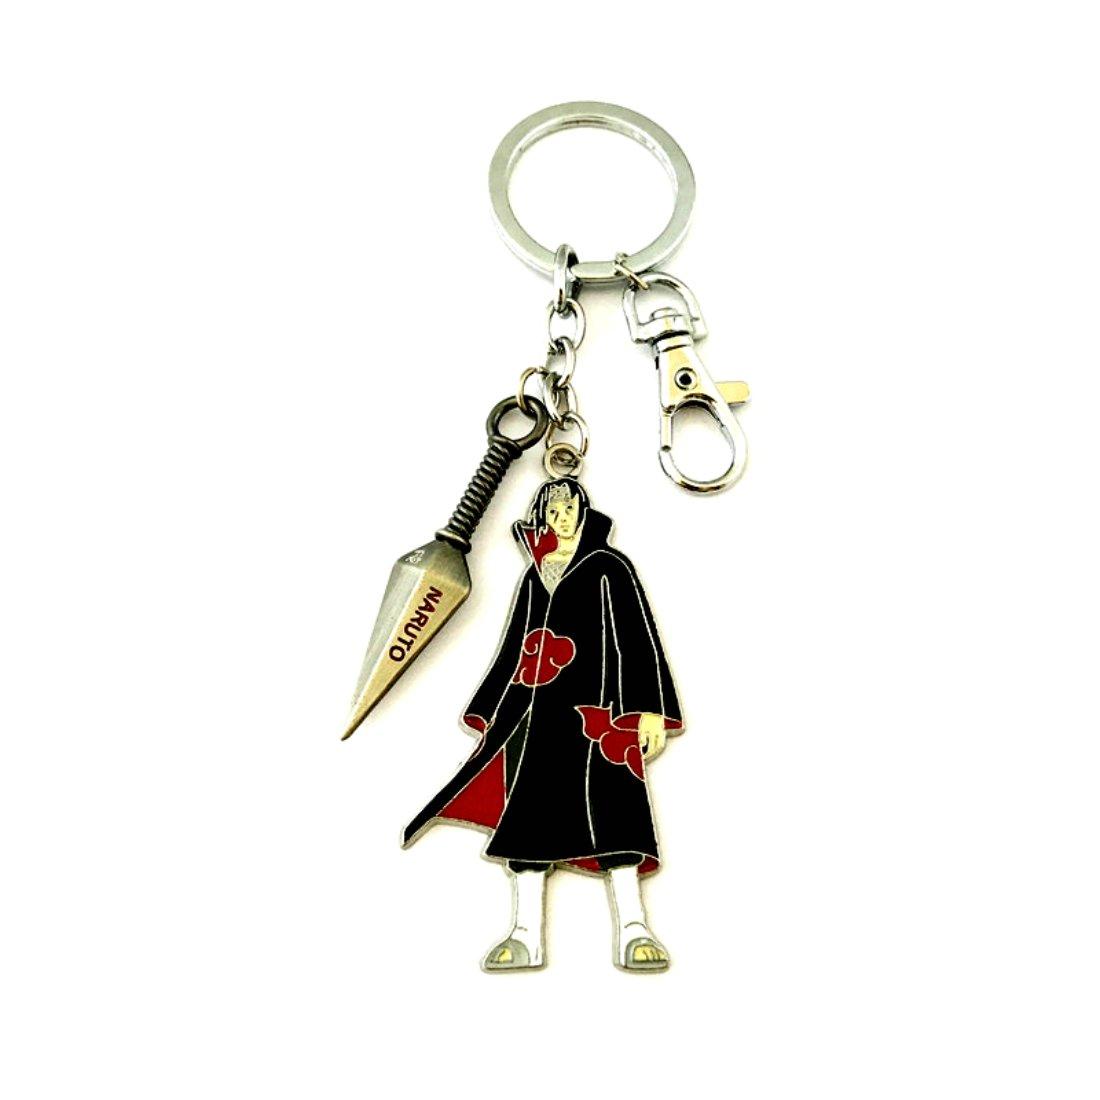 Amazon.com: Anime Classic Naruto Akatsuki Itachi Uchiha ...